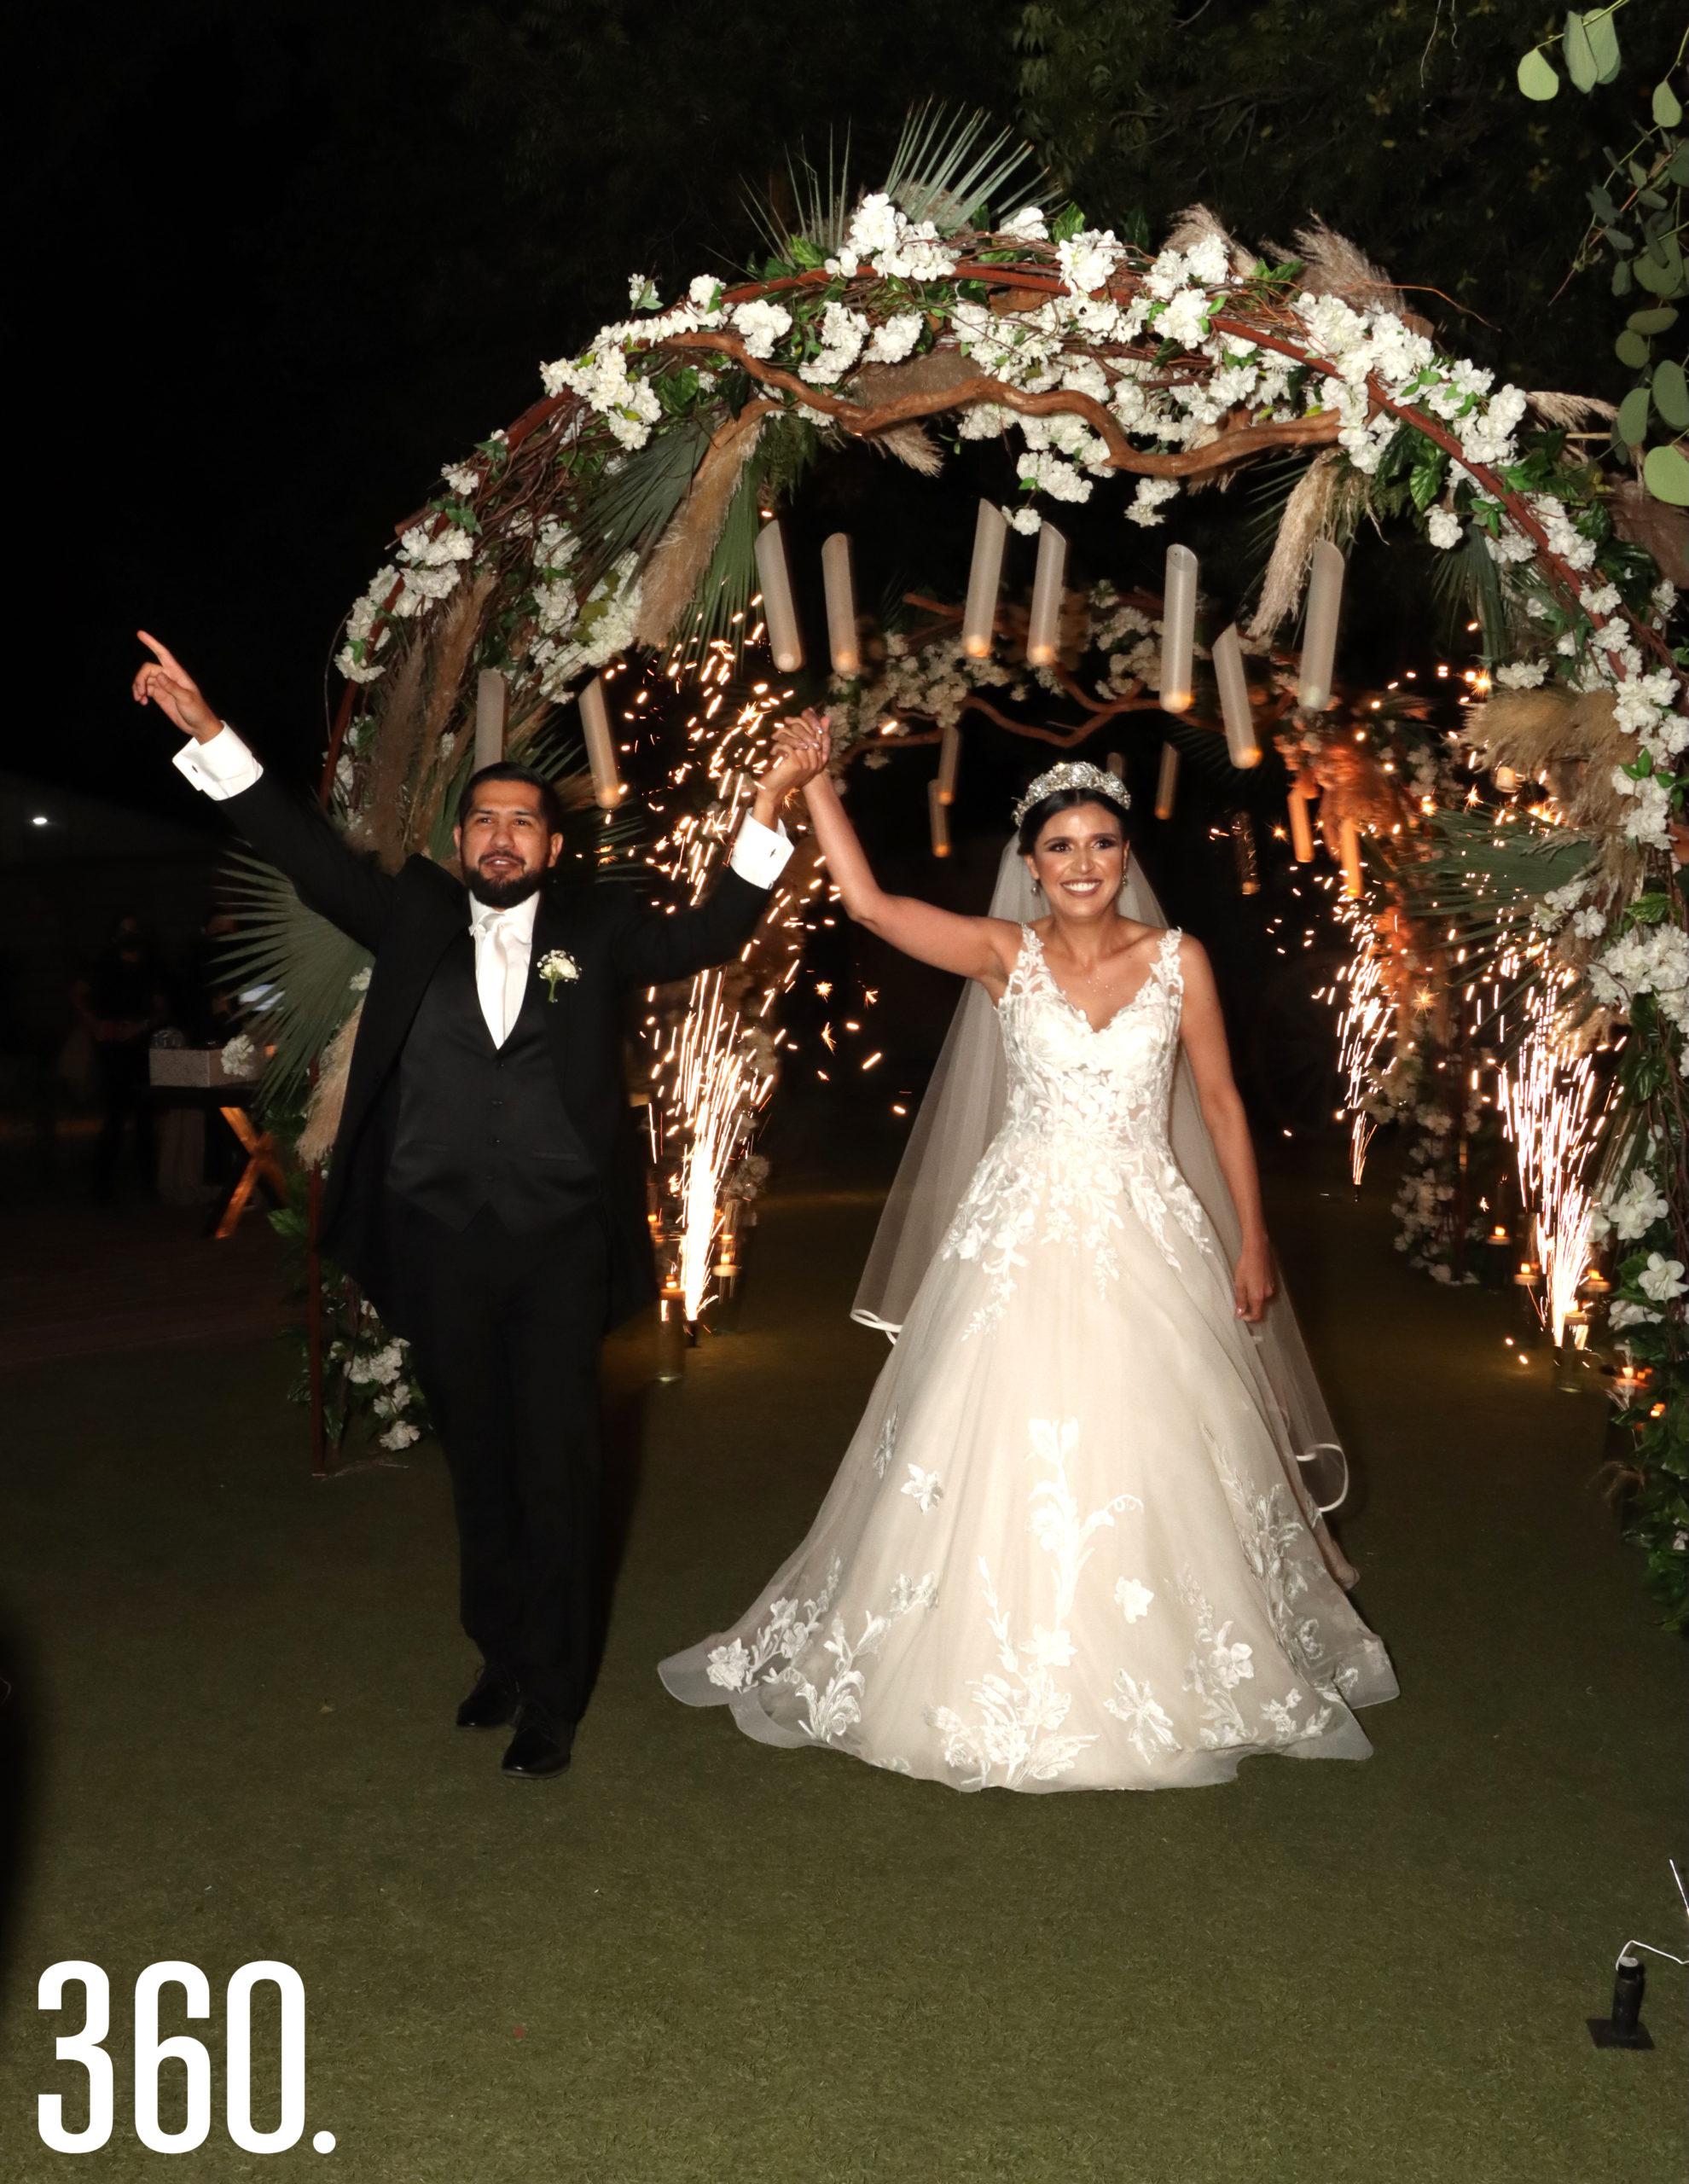 Guido García Lerma y Sheila Mendoza Orozco unieron sus vidas por medio del sacramento del matrimonio.